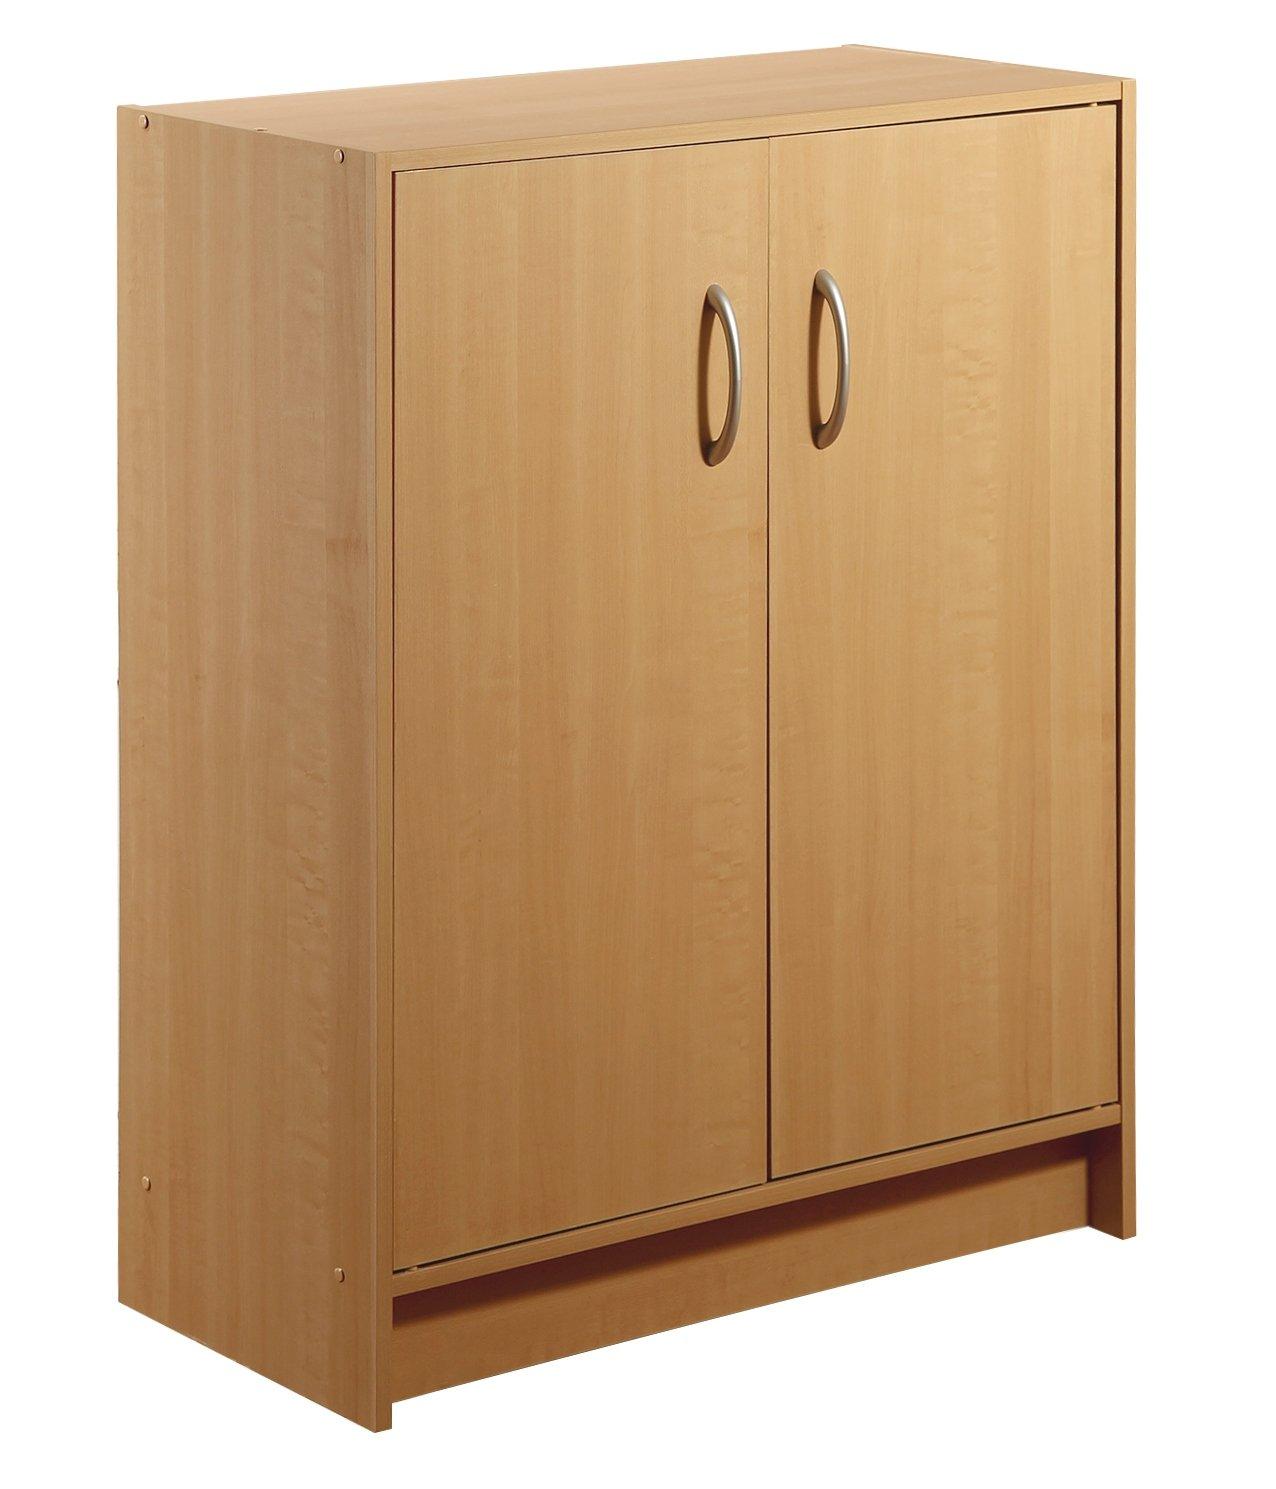 2-Door Organizer, Maple